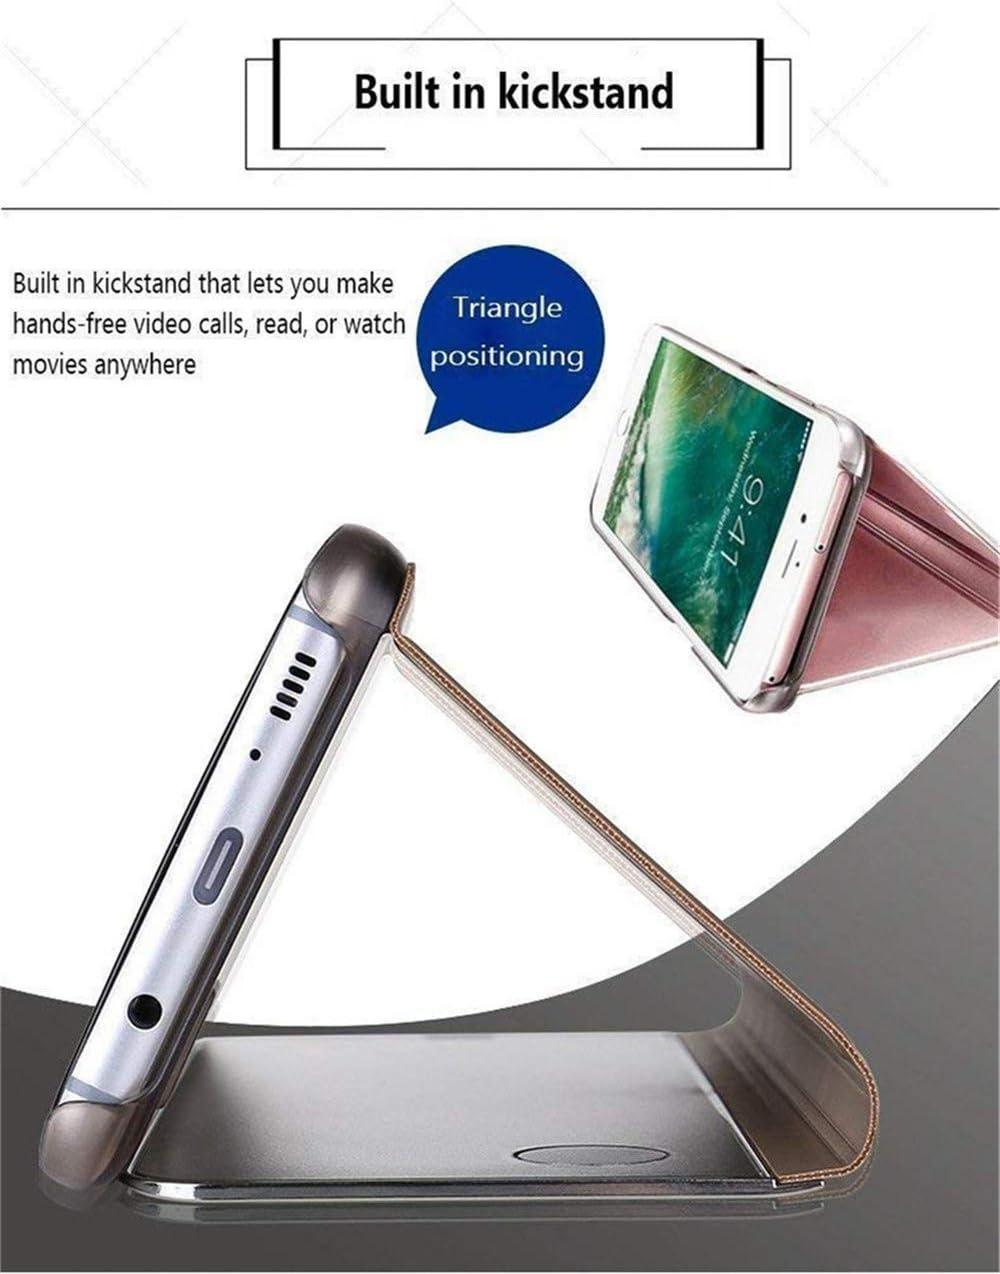 COTDINFOR Trucco Specchio per Samsung Galaxy A11 Custodia Sottile Clear View Mirror Case Flip Cavalletto Pieghevole Custodia Paraurti Bumper Cover per Samsung Galaxy A11 Mirror PU Silver MX.